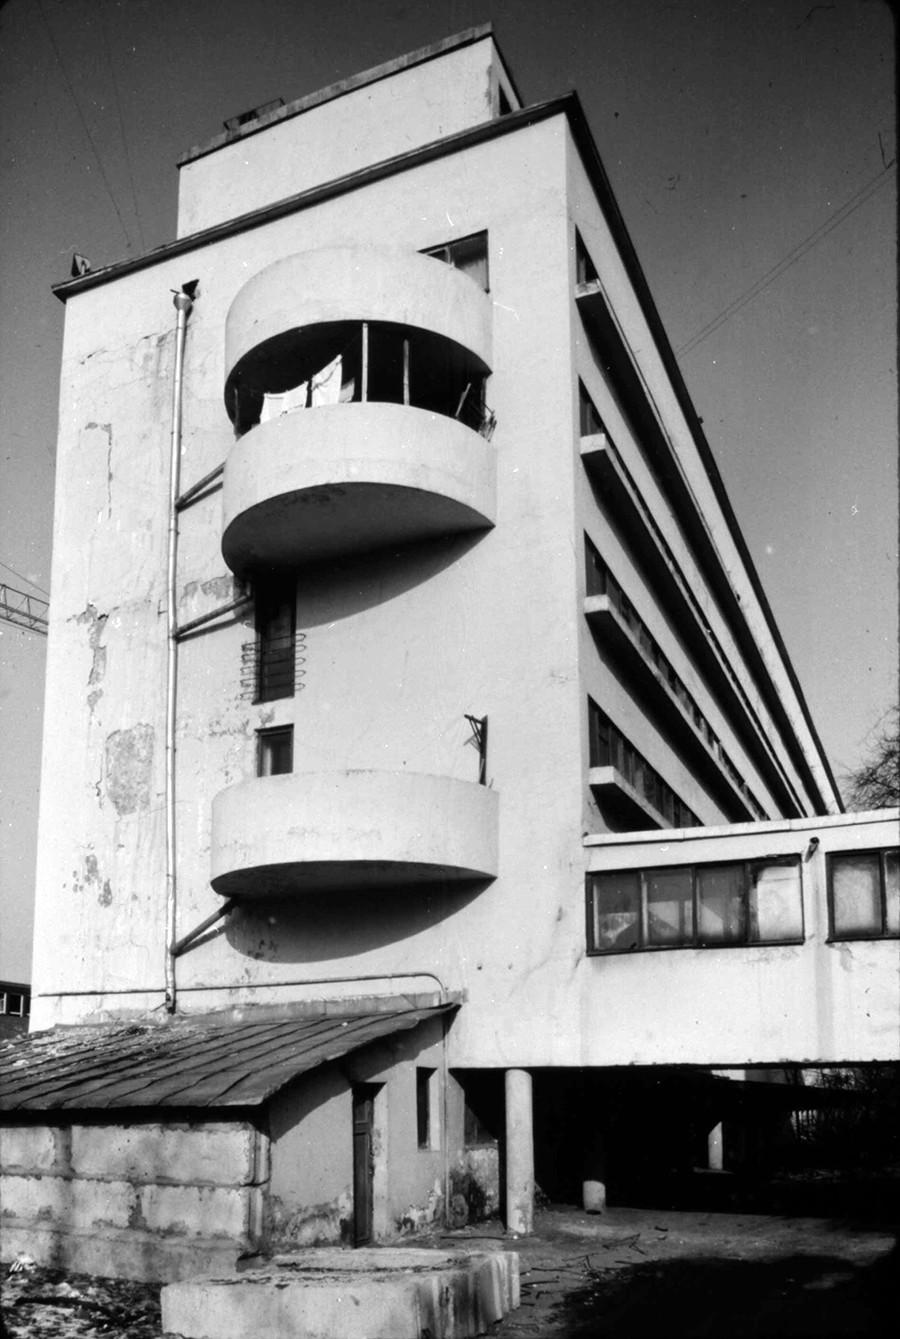 Moskau: Narkomfin-Wohnhaus (1928, Architekten: Moisei Ginzburg und Ignatij Milinis), Foto 1994. Dies ist ein typisches Beispiel für ein Kommunen-Haus für höher gestellte Mitarbeiter einer Institurion, hier des Narkomfin, des Finanzkommissariats.